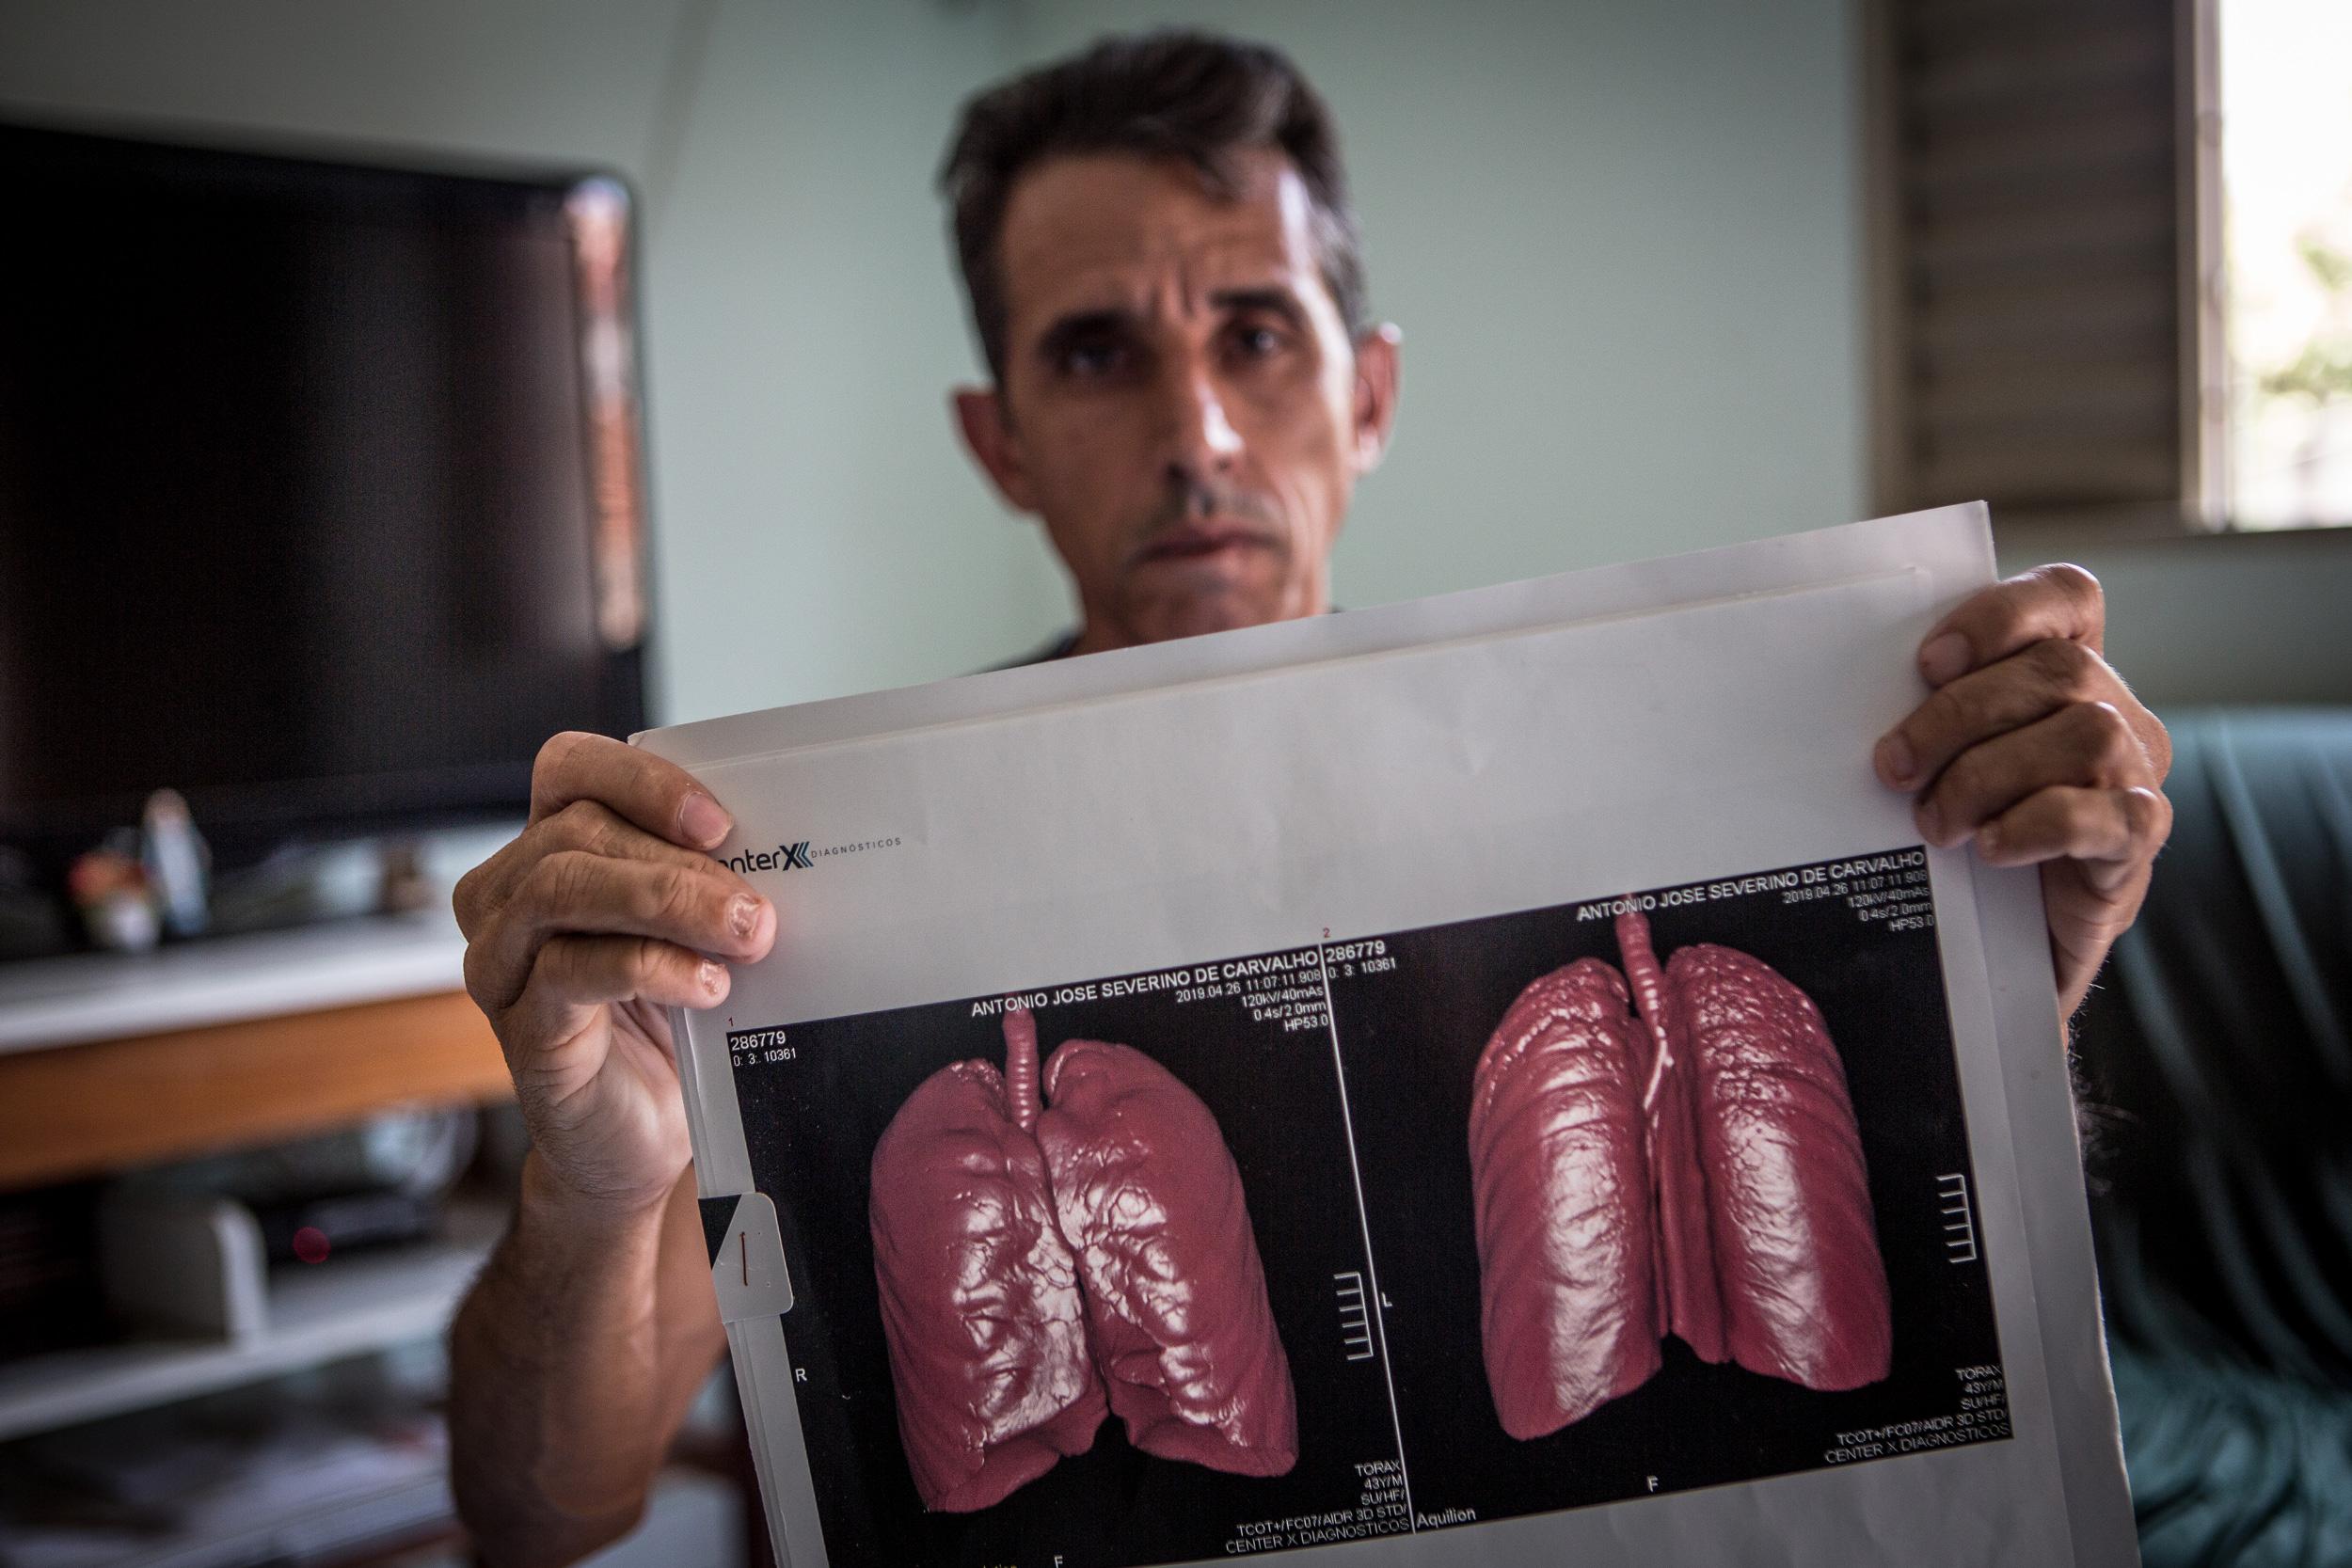 Antonio José Severino de Carvalho, de 44 anos, ex funcionário da mineradora Sama, mostra seus exames mostrando resultados da abestose em seus pulmões. Antonio trabalhou na Sama por 11 anos e 8 meses.